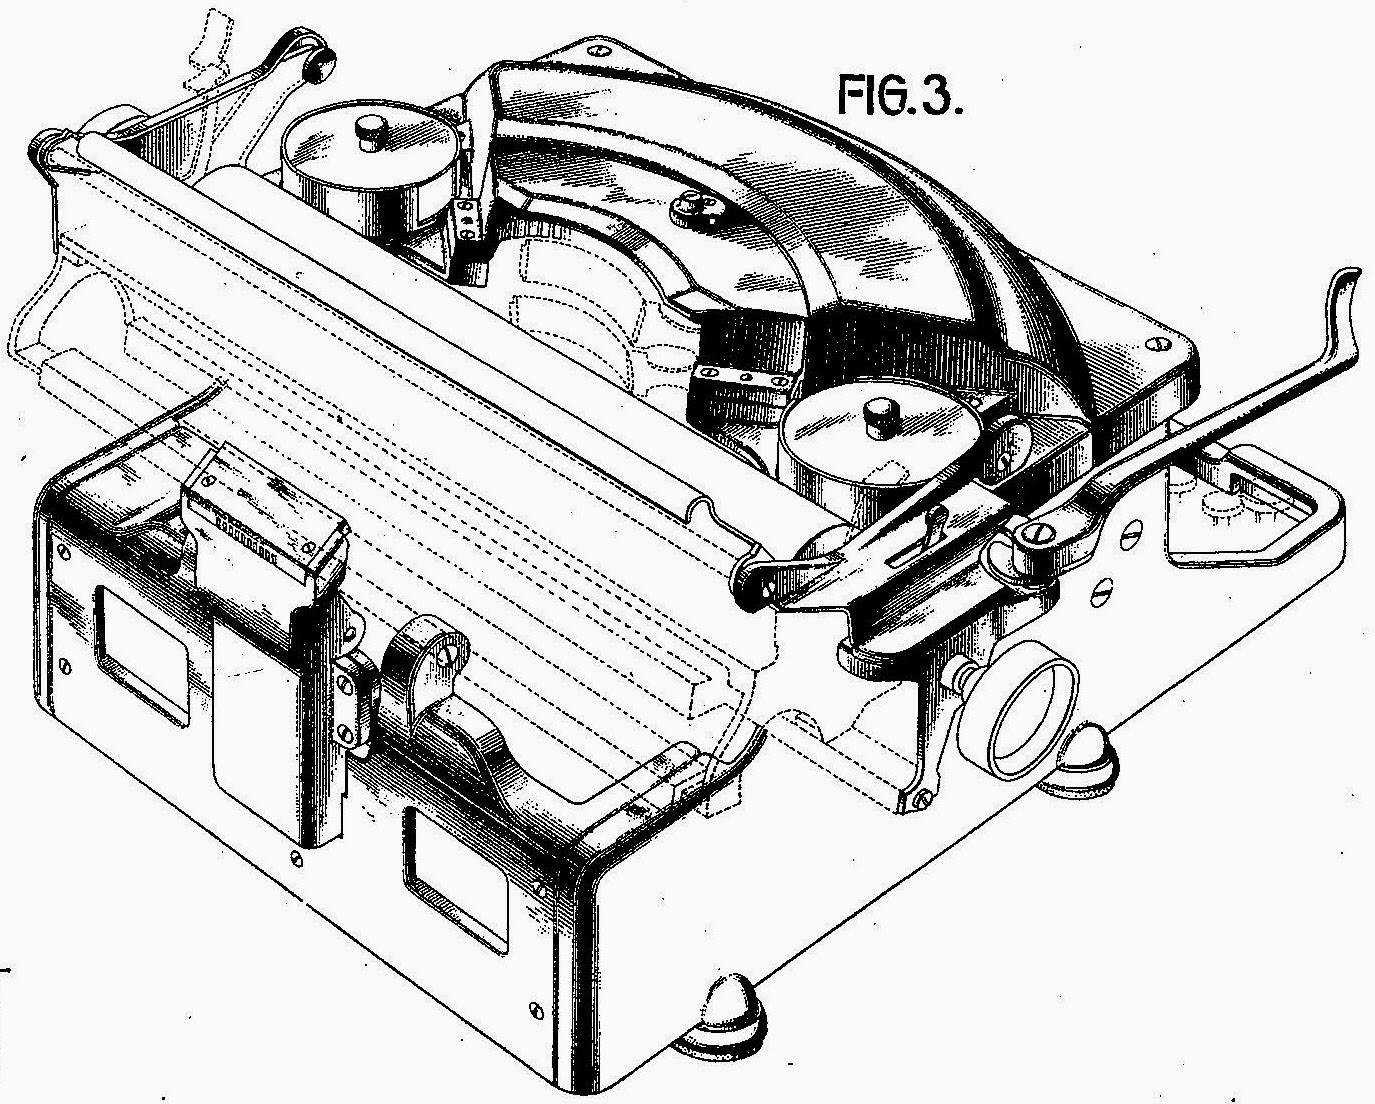 oz typewriter 1955 Hudson Italia a remington made underwood noiseless image from mytypewriter